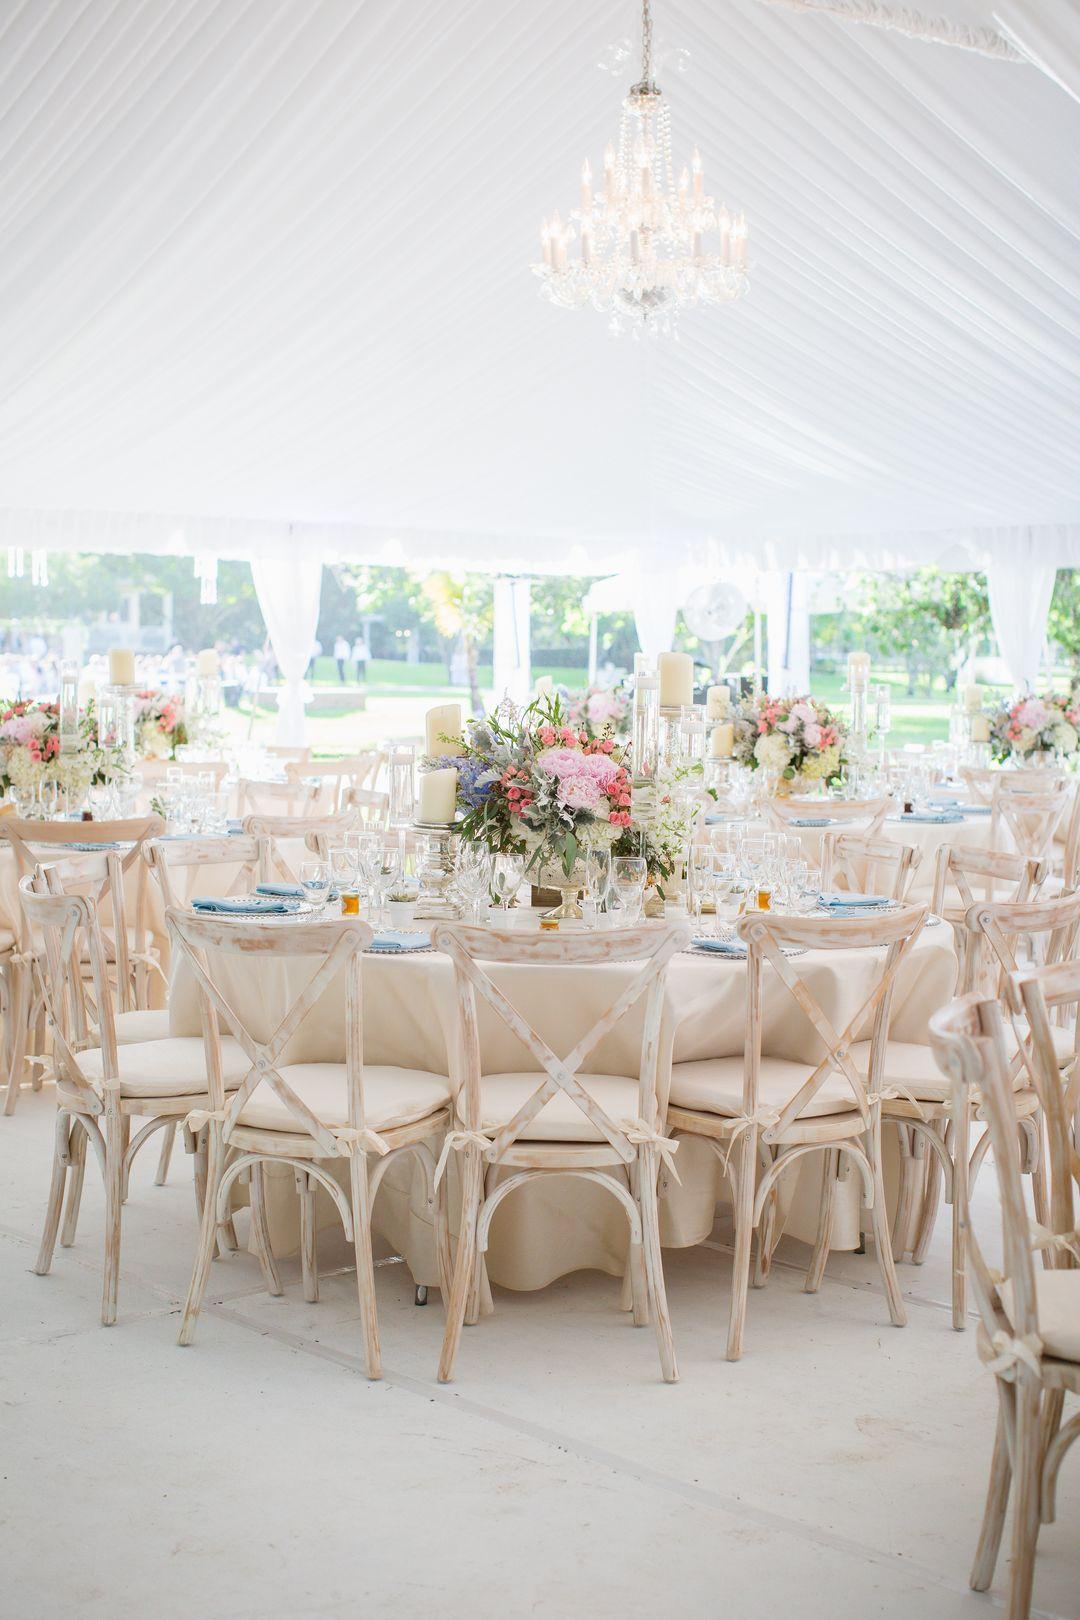 Reception At Alegria Mango Farm Southwest Ranches Fl Wedding